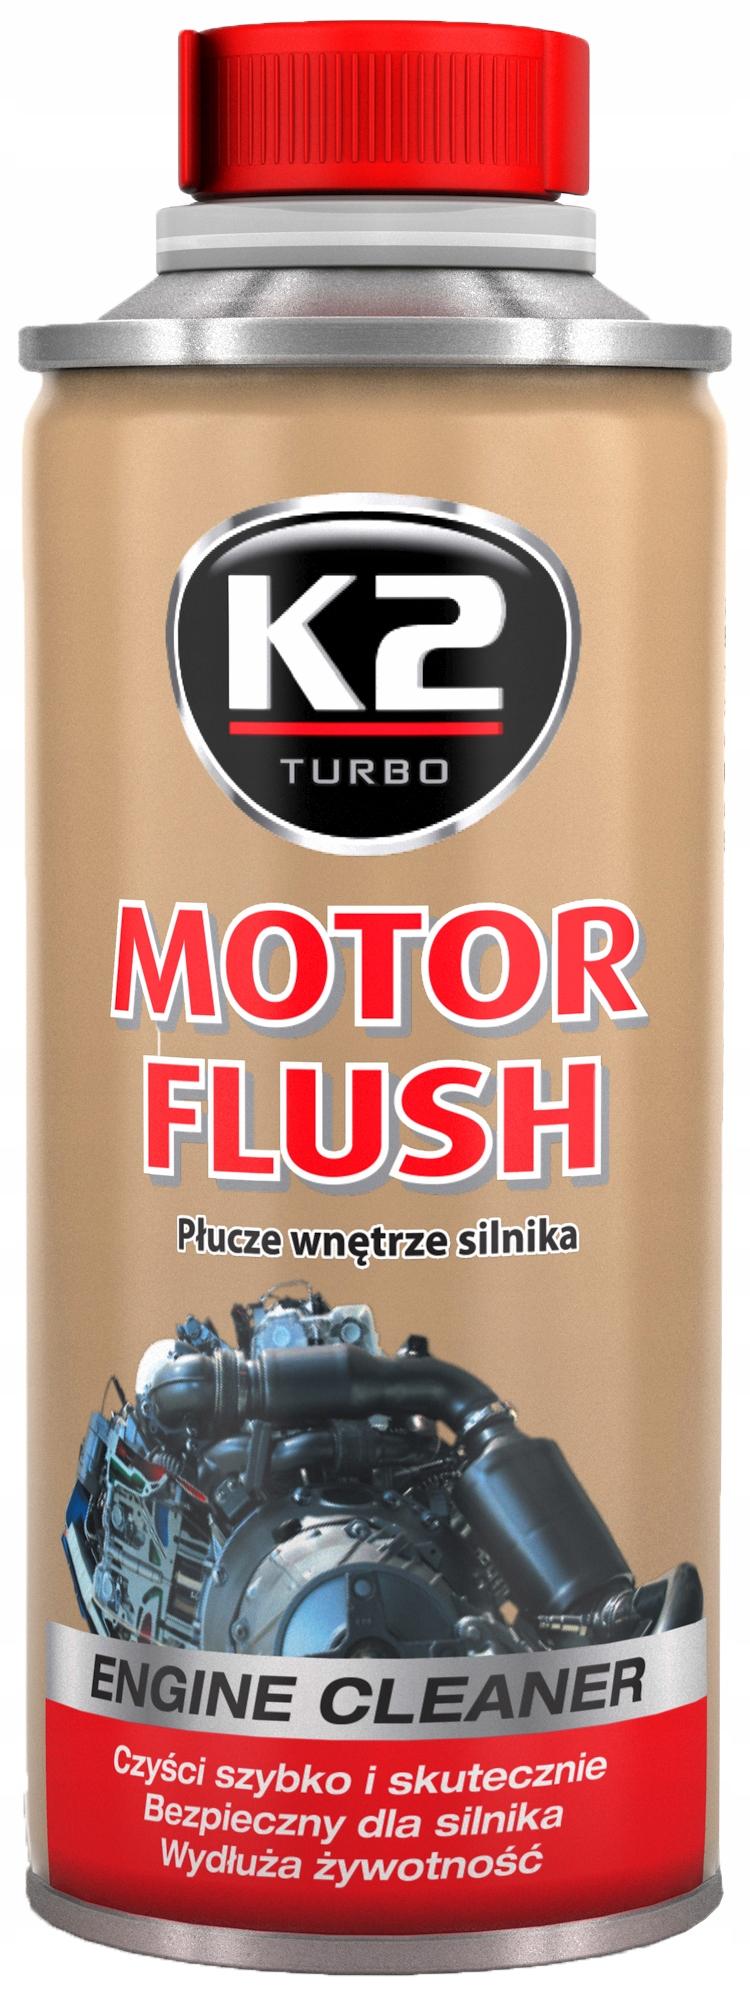 K2 T371 MOTOR FLUSH MOTOR FLUSH 250 МЛ